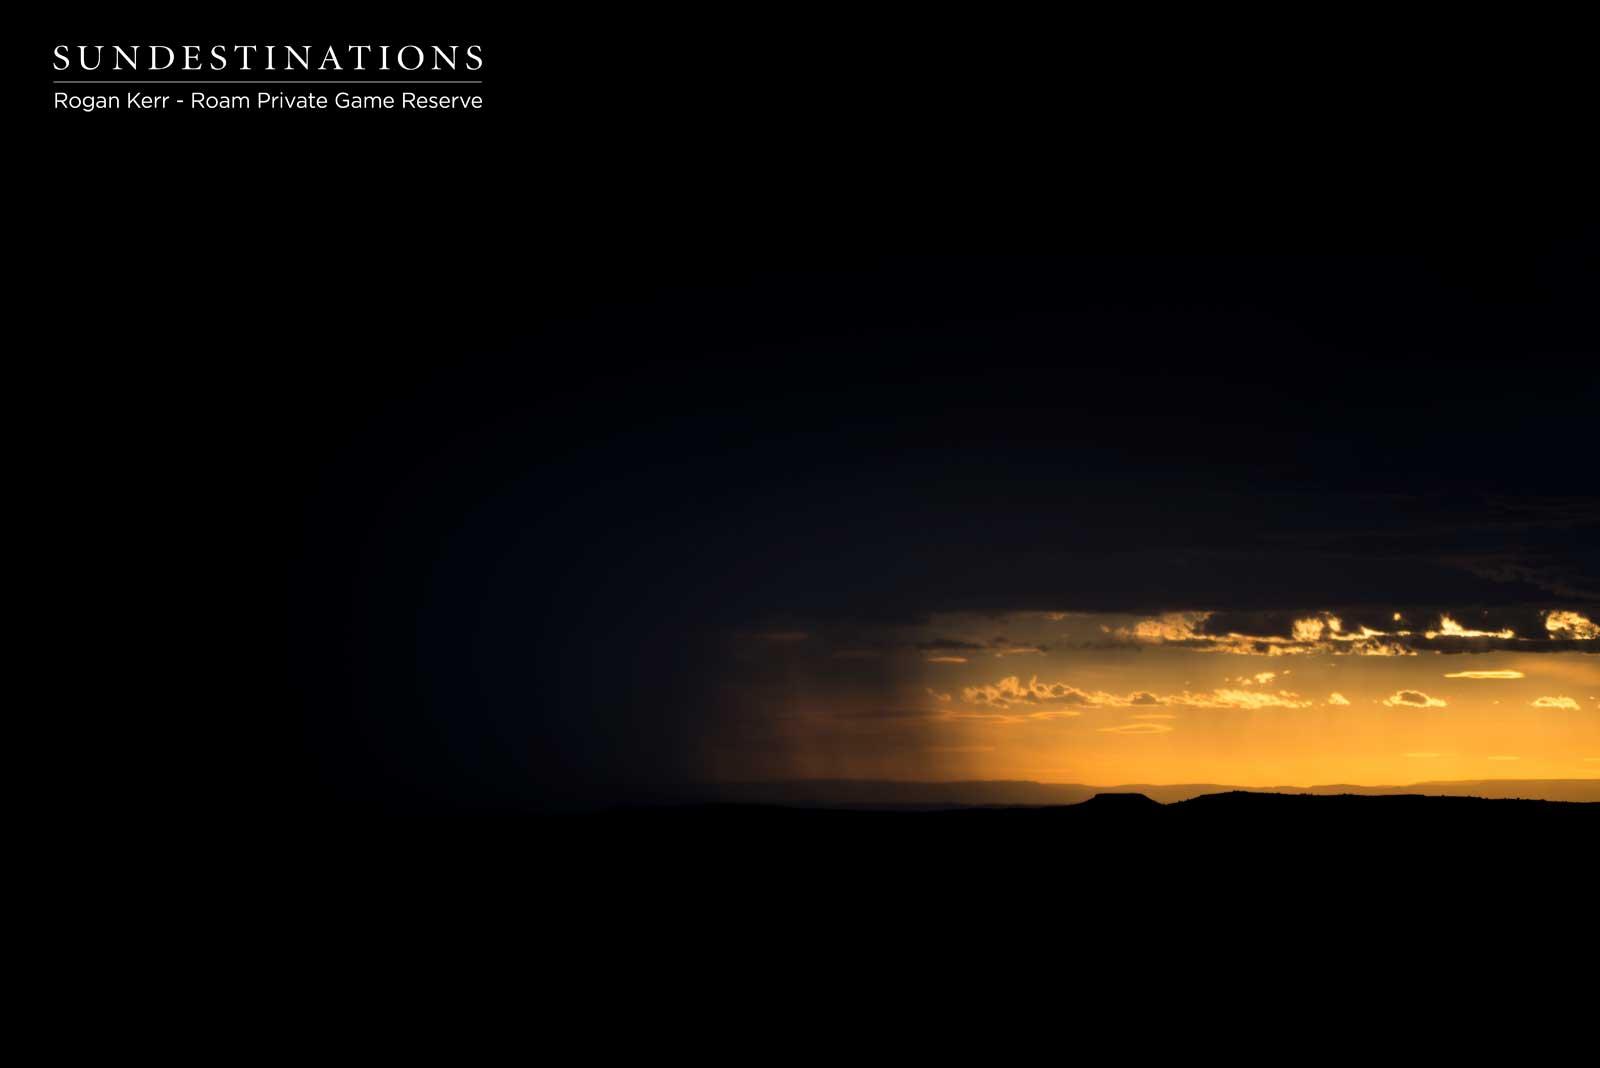 Haunting Image of Karoo Landscape